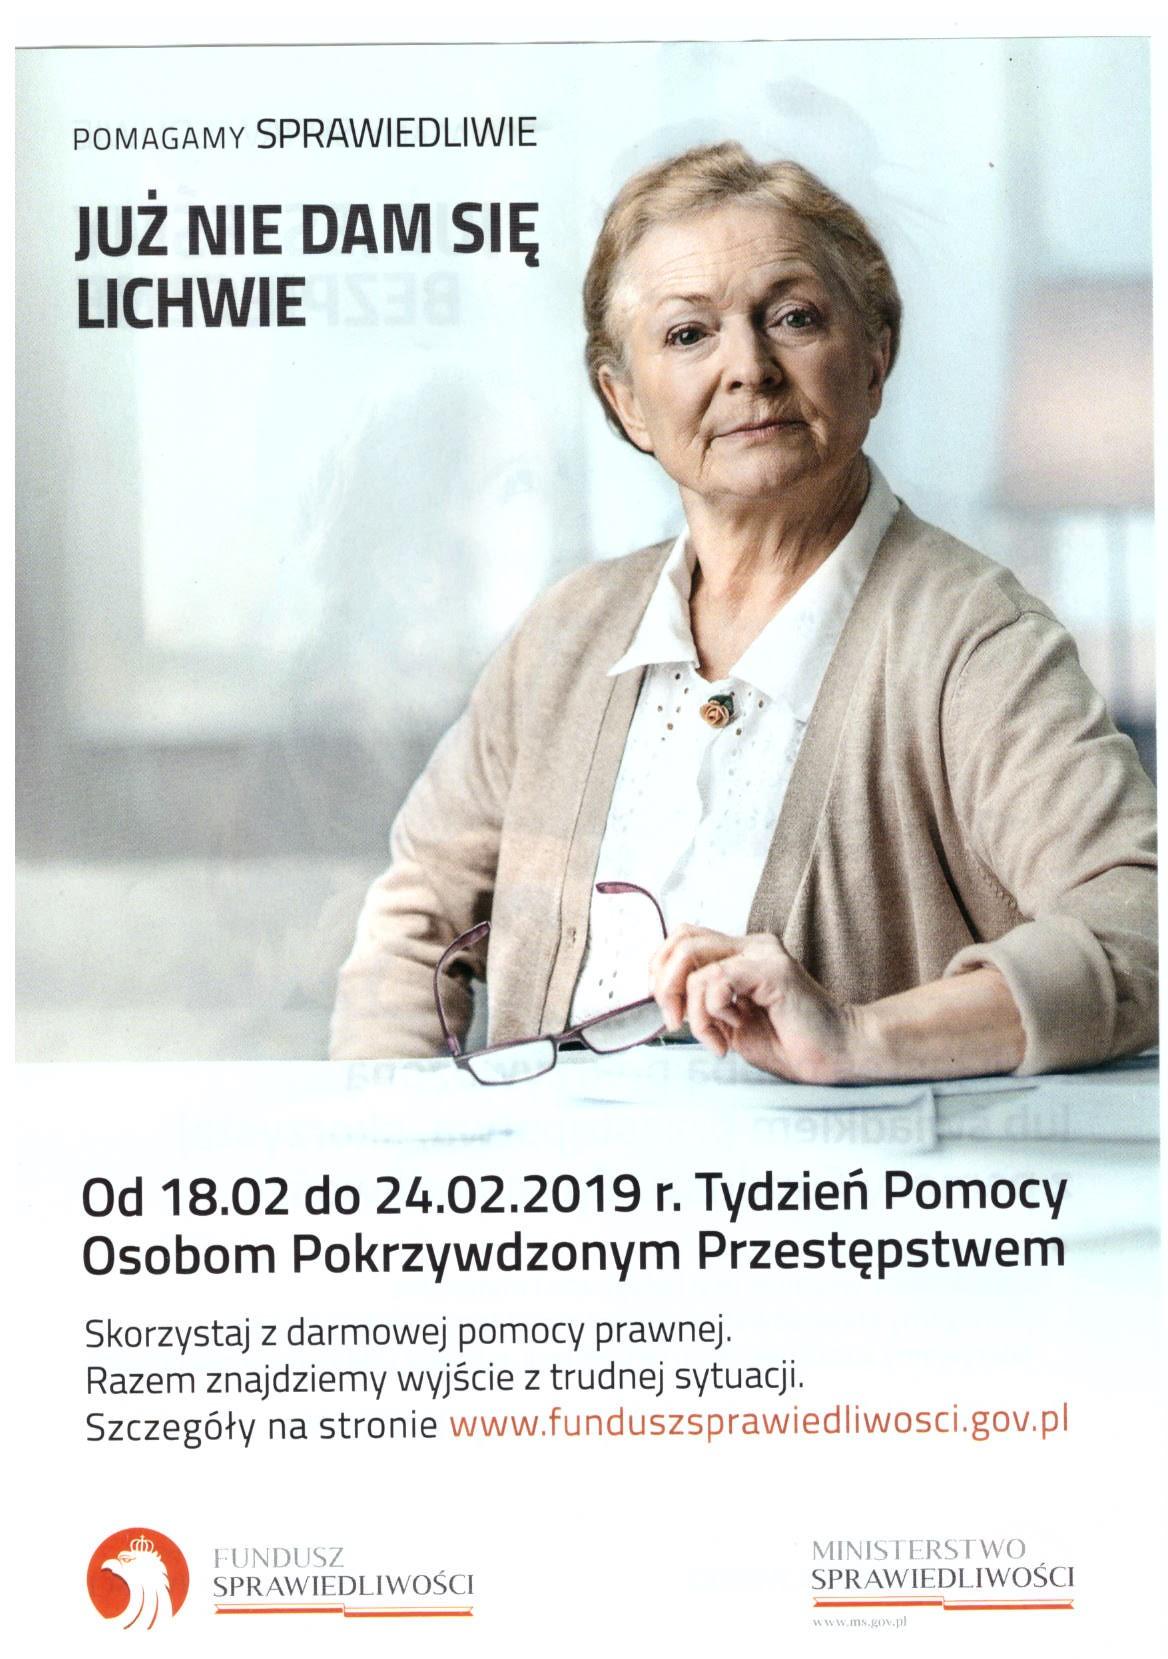 Ulotki informacyjne -przemoc w rodzinie, Gminny Ośrodek Pomocy Społecznej w Łopusznie